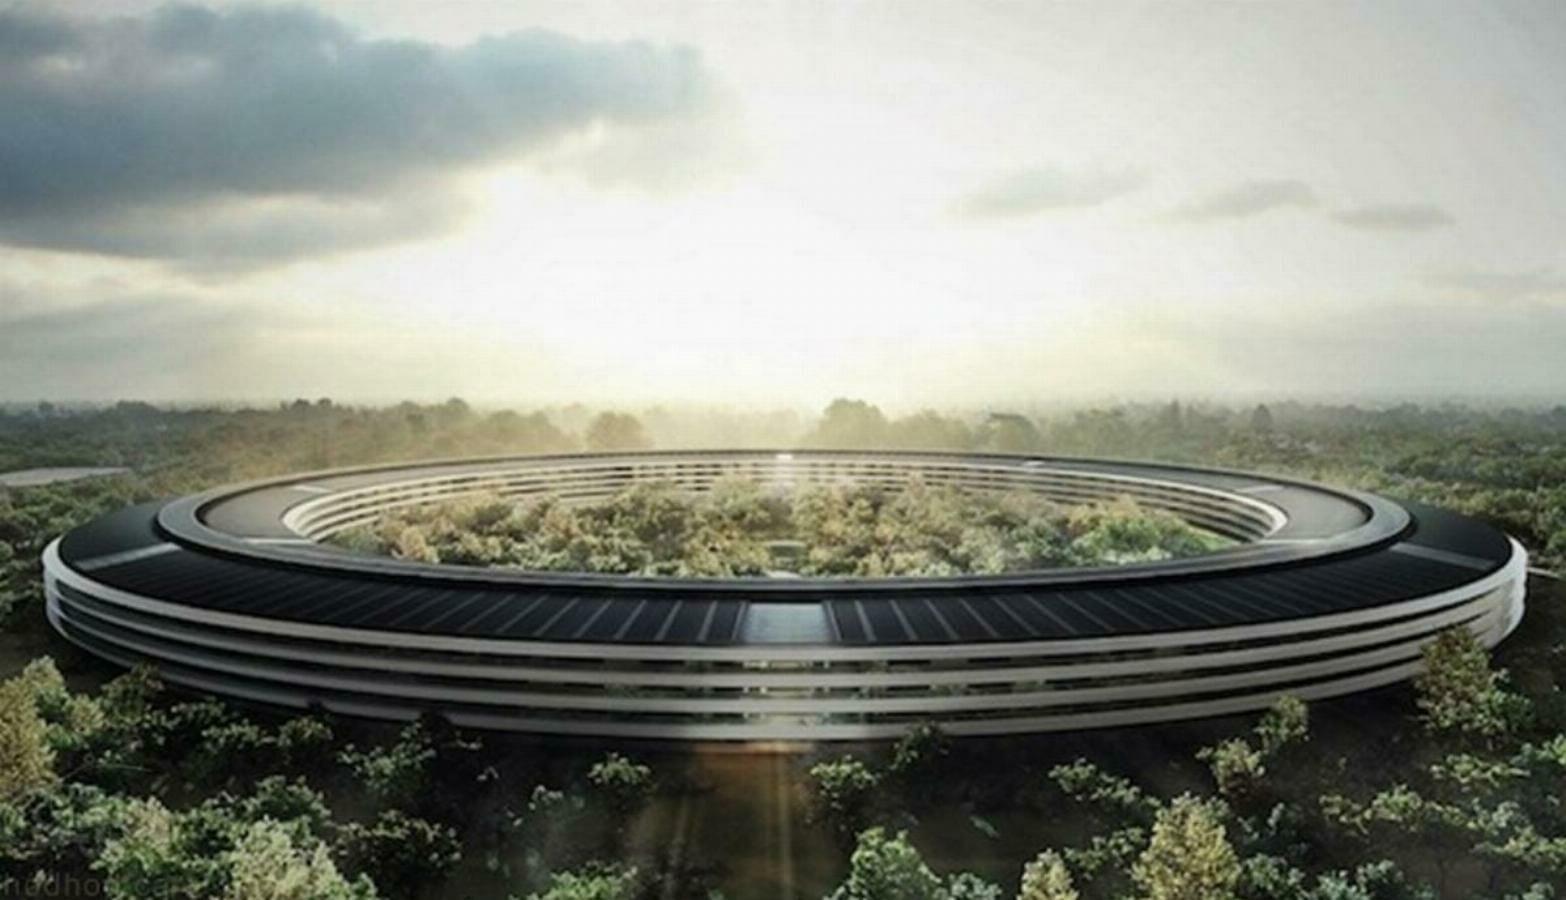 شوک جدید برای دنیای آی تی: آغاز ورود شرکت اپل به صنعت برق!